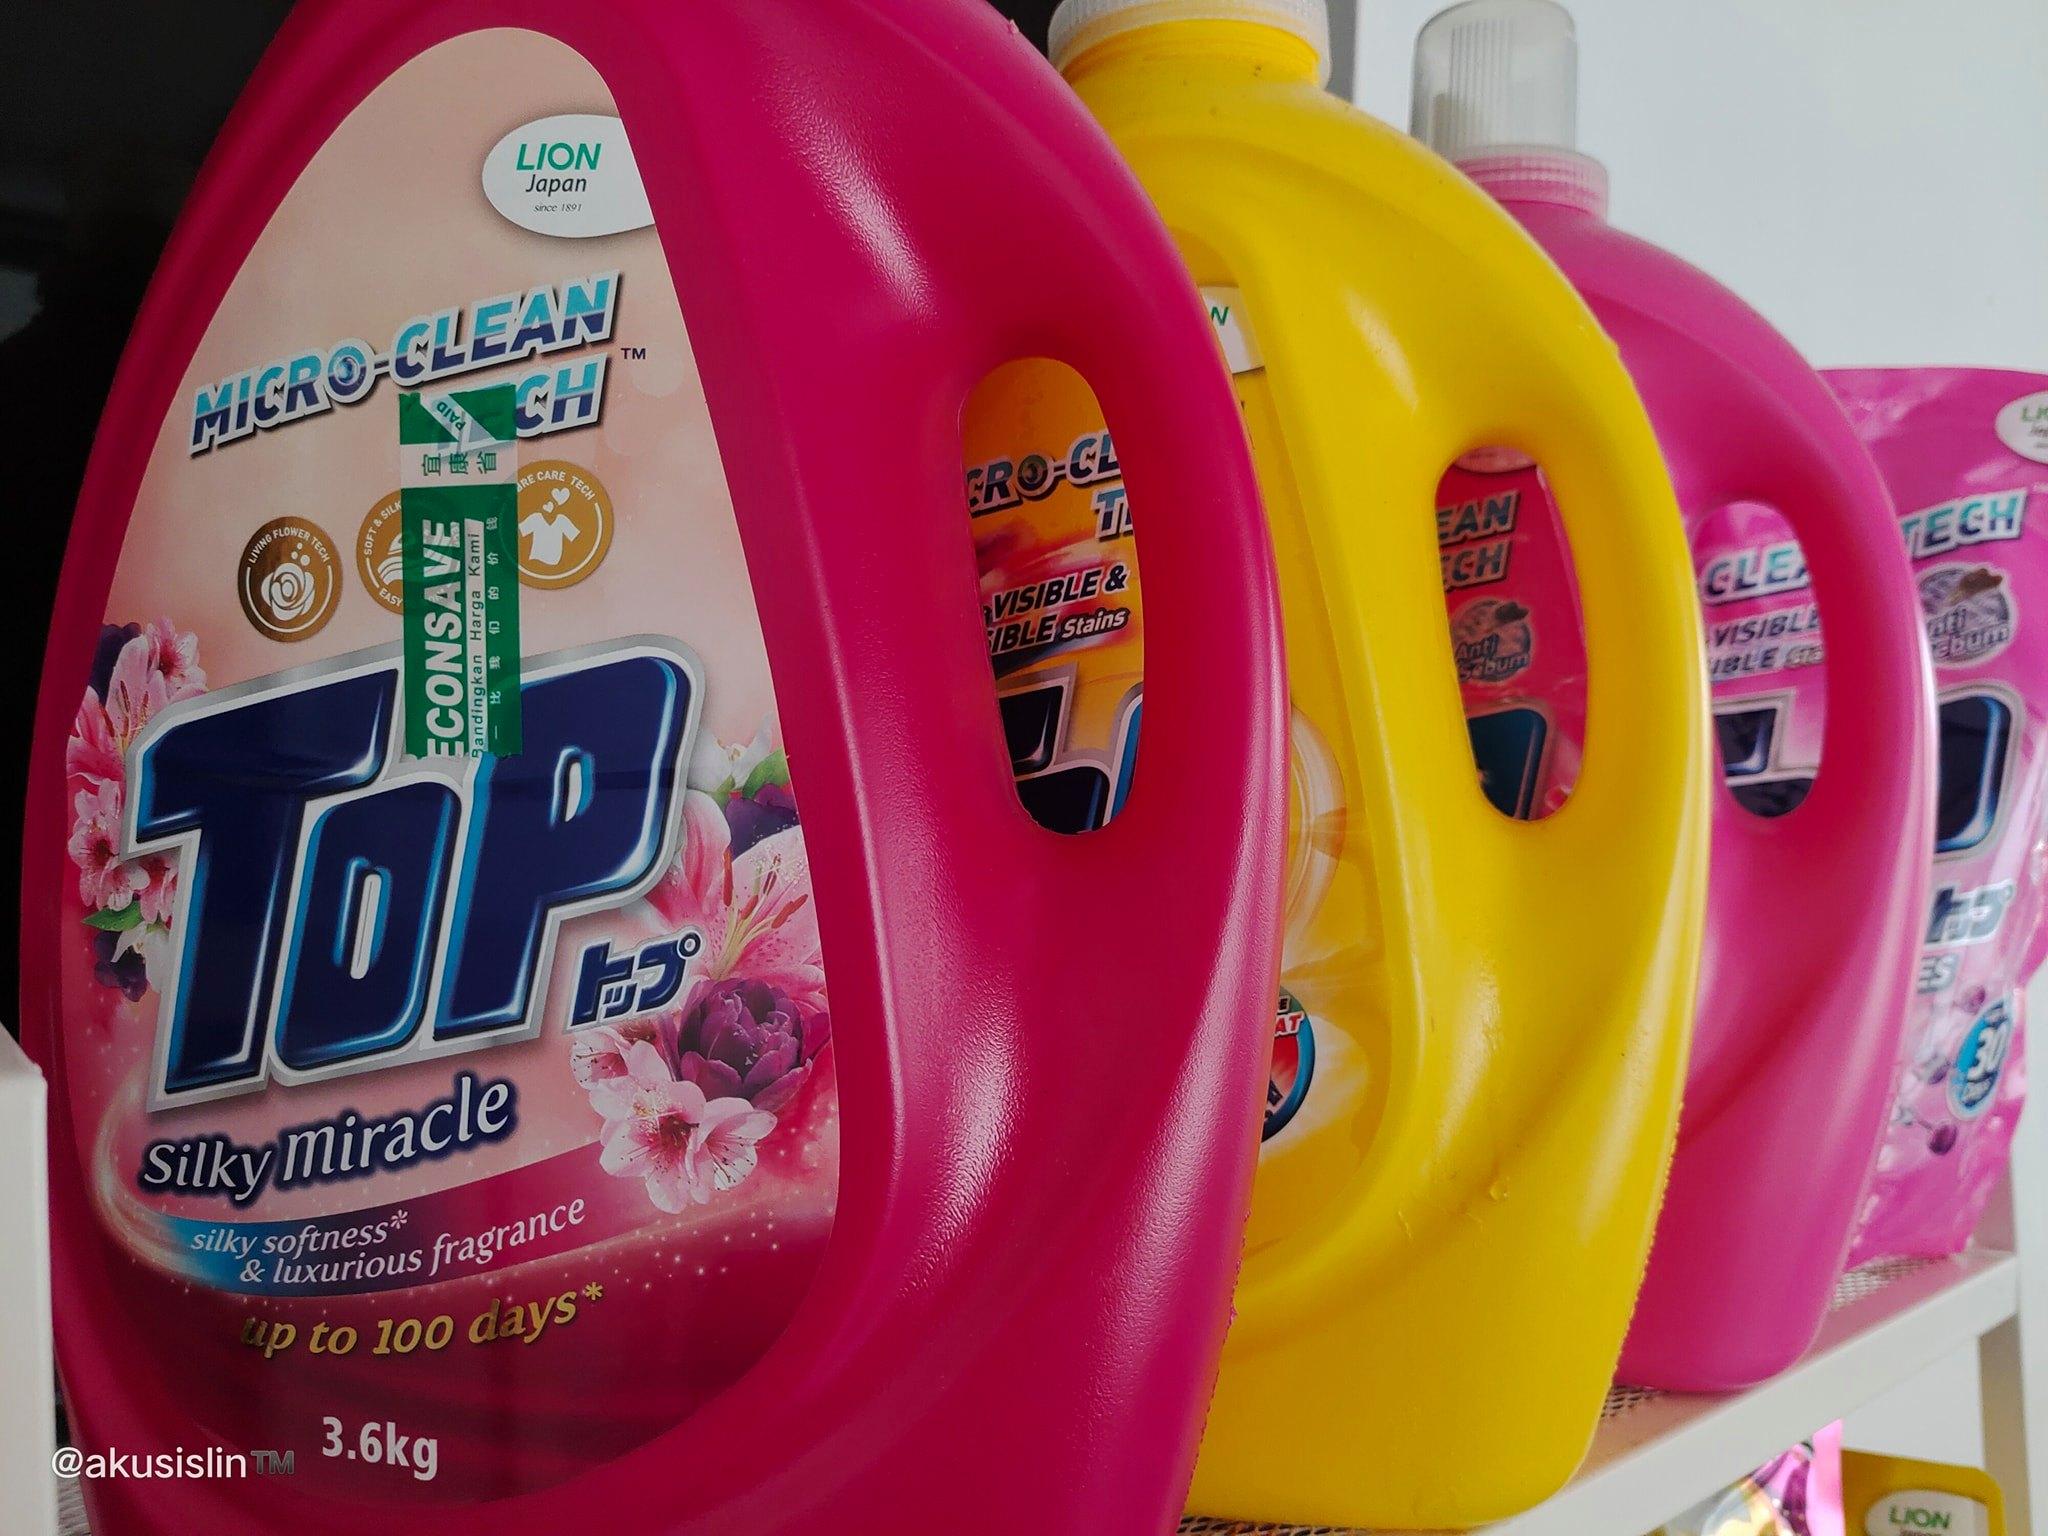 Komitmen TOP untuk Inovasi Teknologi Pencuci Pakaian Berterusan Menghasilkan Detergen yang Menyingkirkan 99.9% Virus Tepat Pada Masa untuk Pemulihan Pandemik